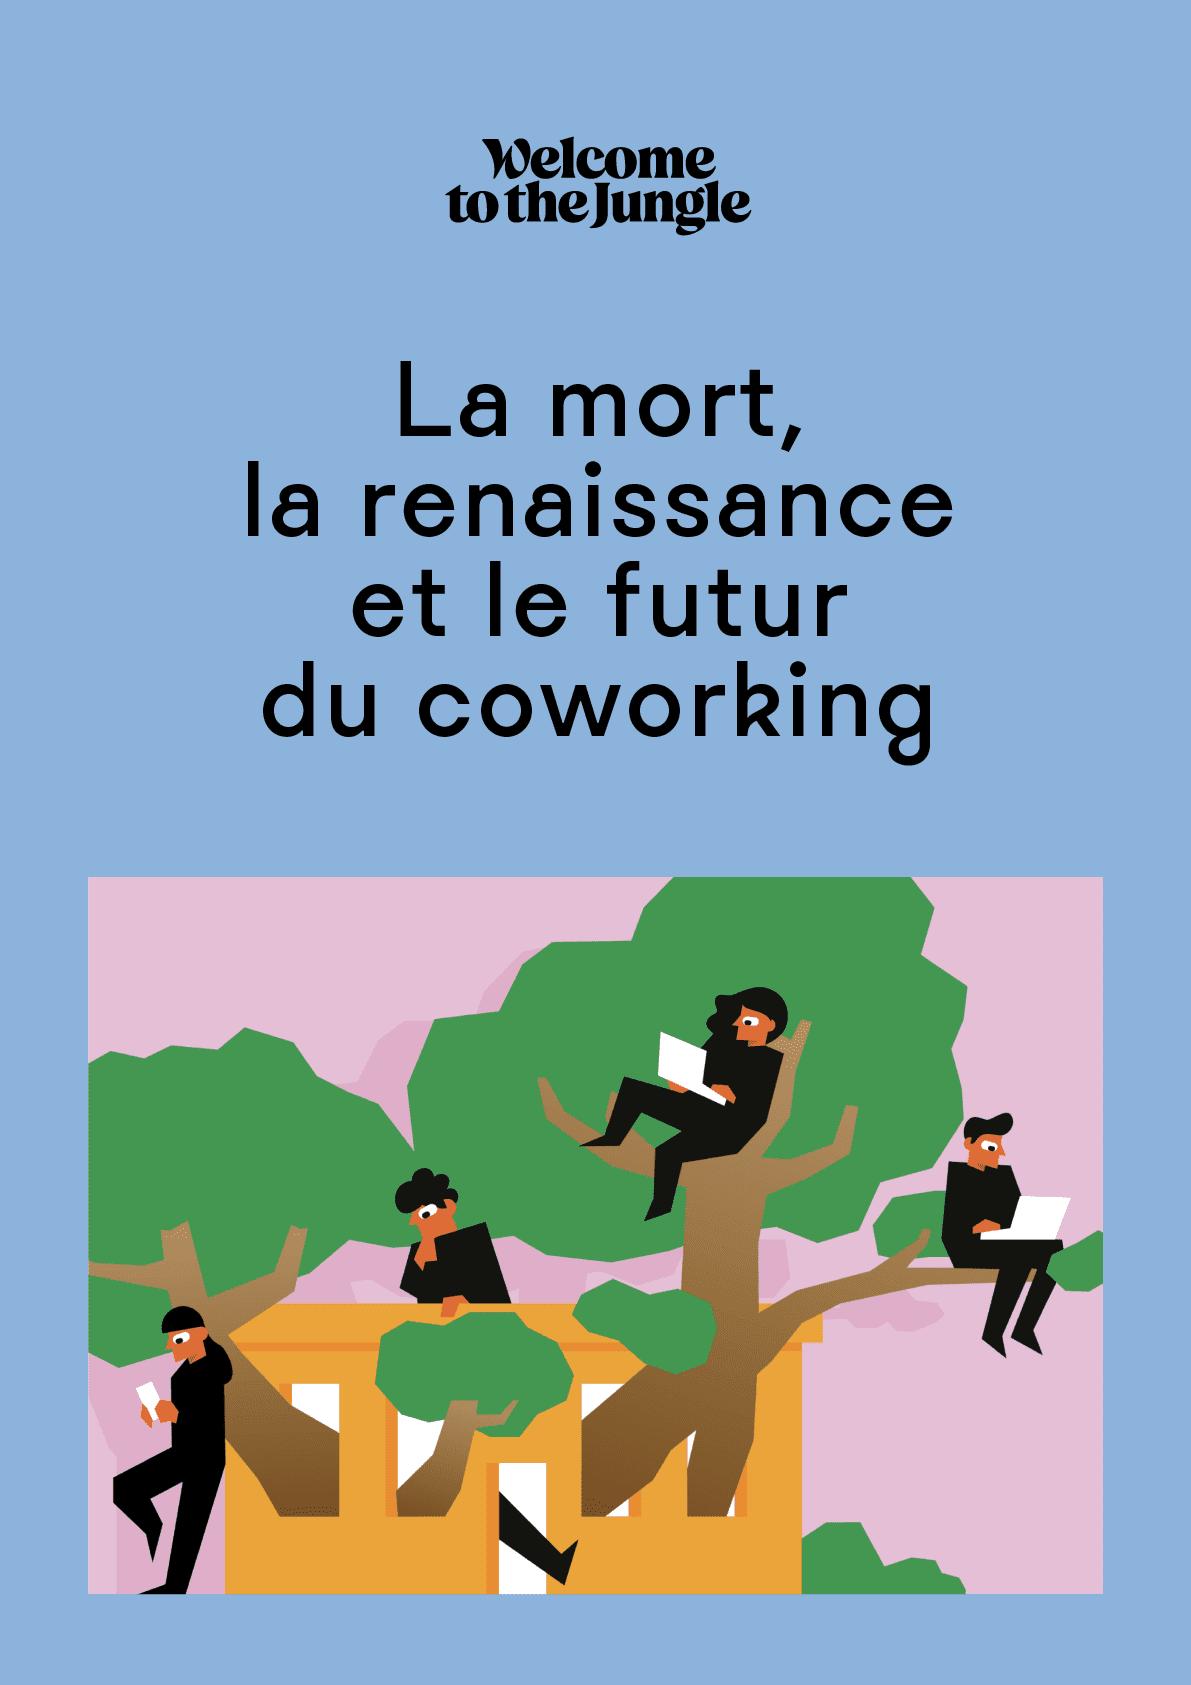 La mort, la renaissance et le futur du coworking